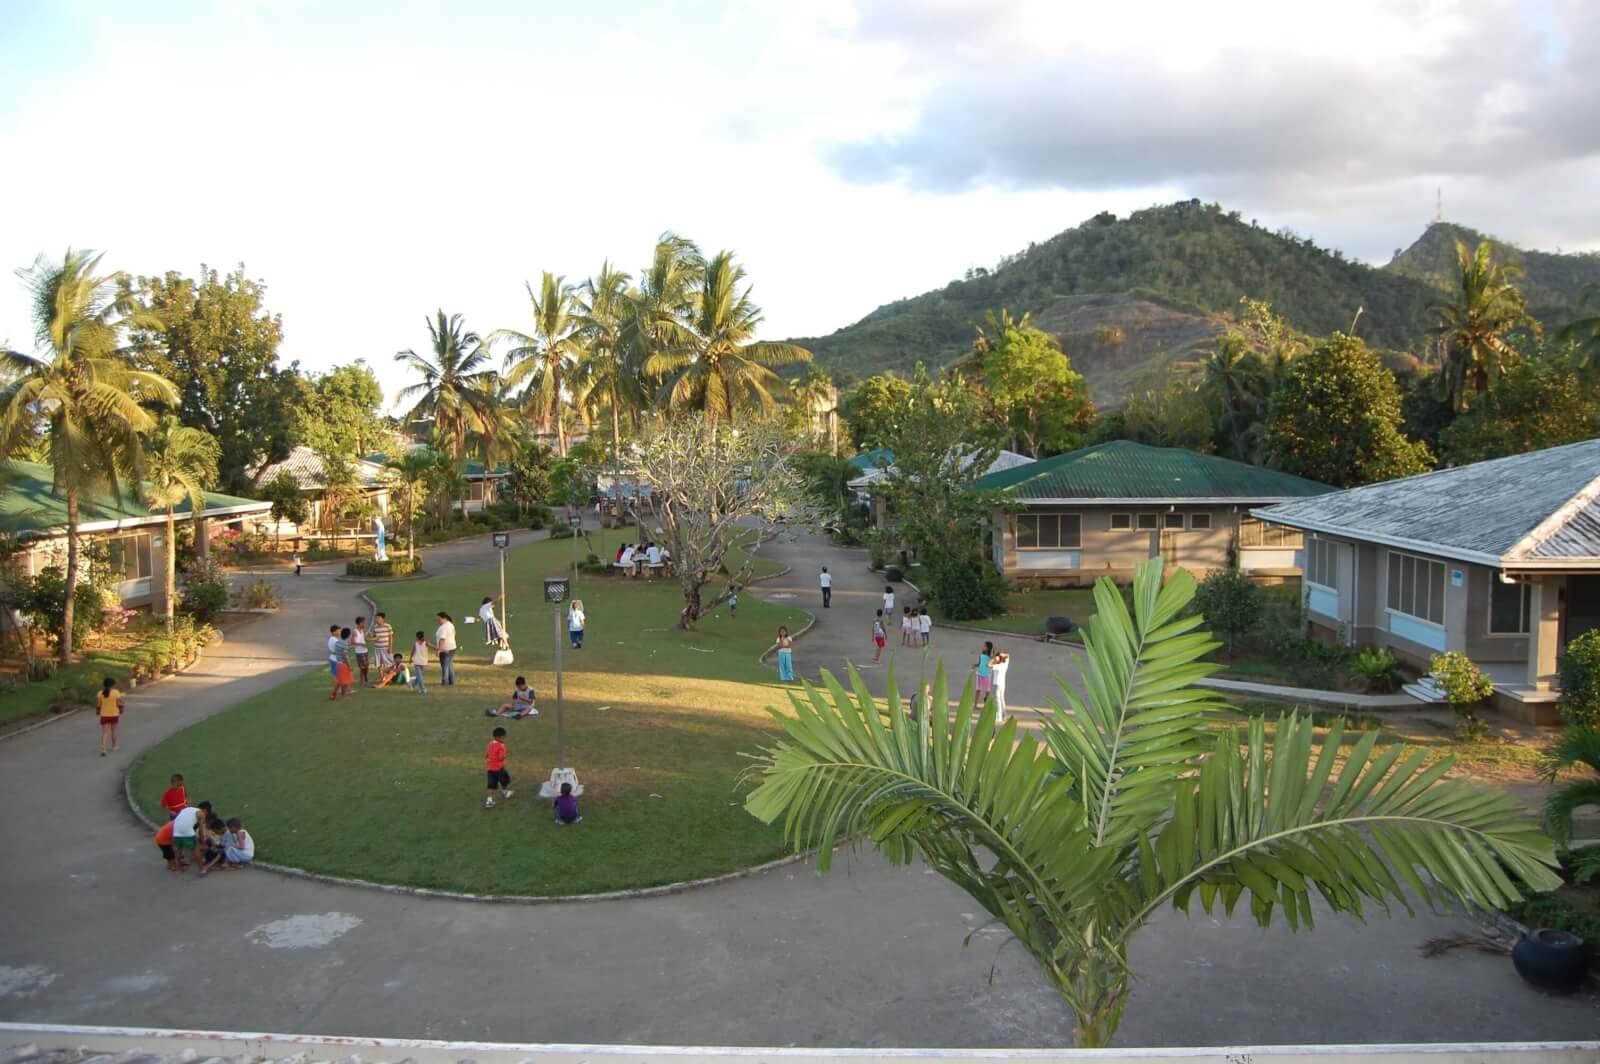 SOS Children's Villages Philippines